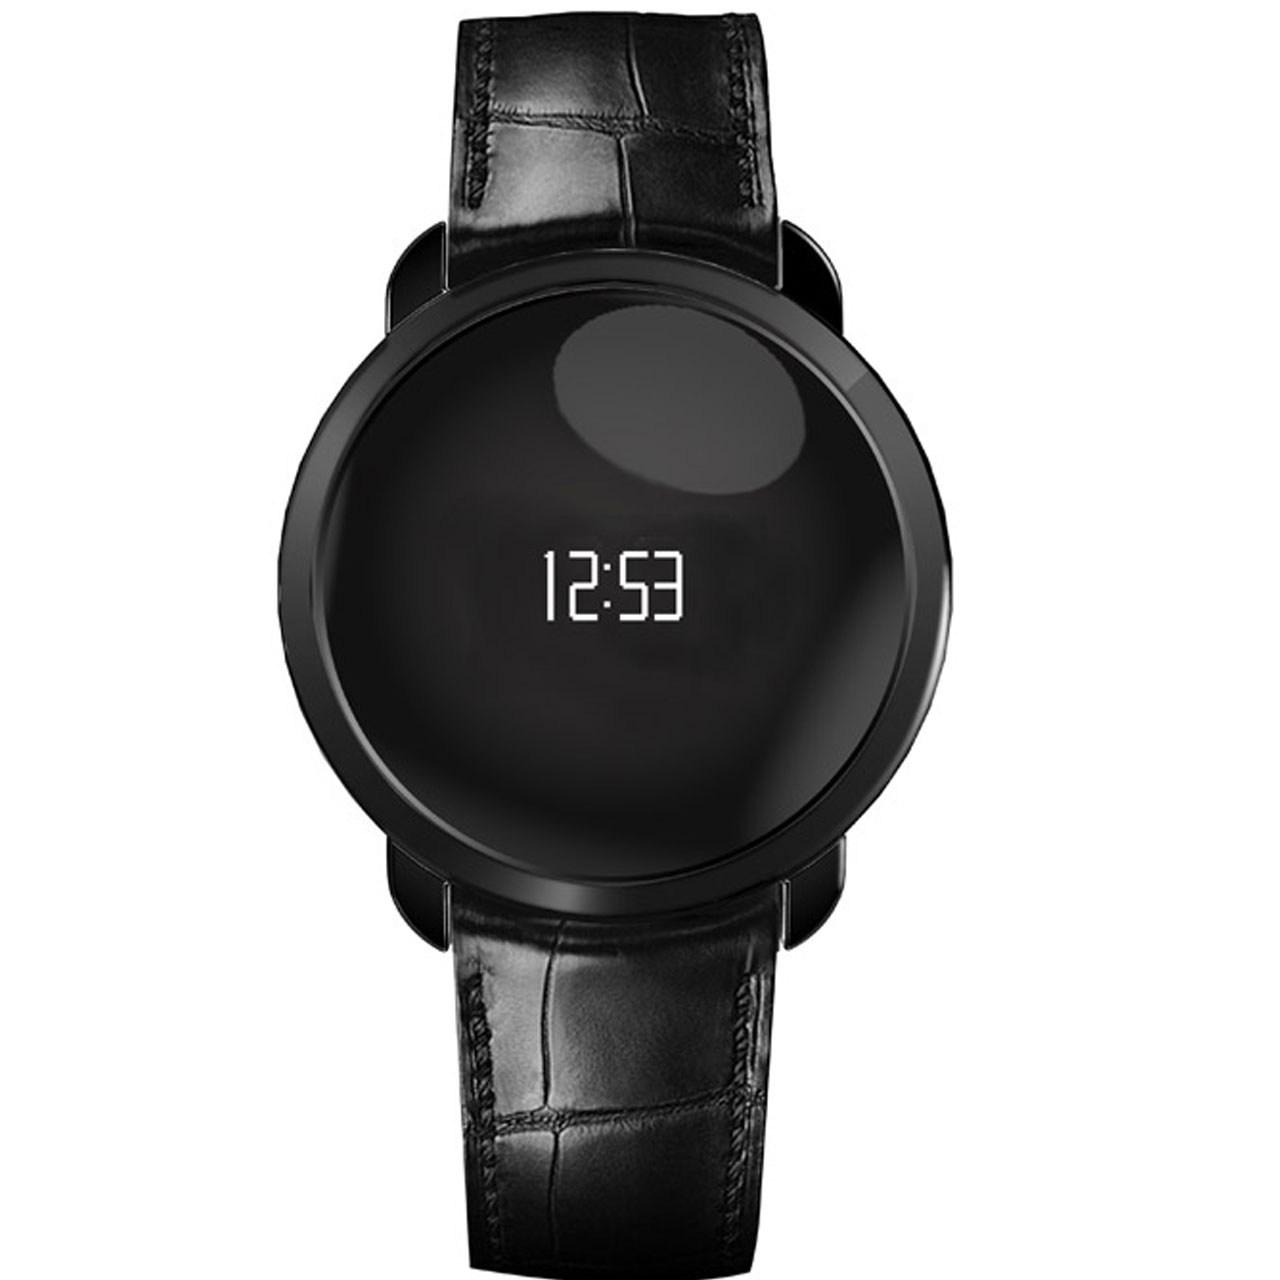 مچ بند هوشمند مای کرونوز مدل Zecircle Premium Flat Black